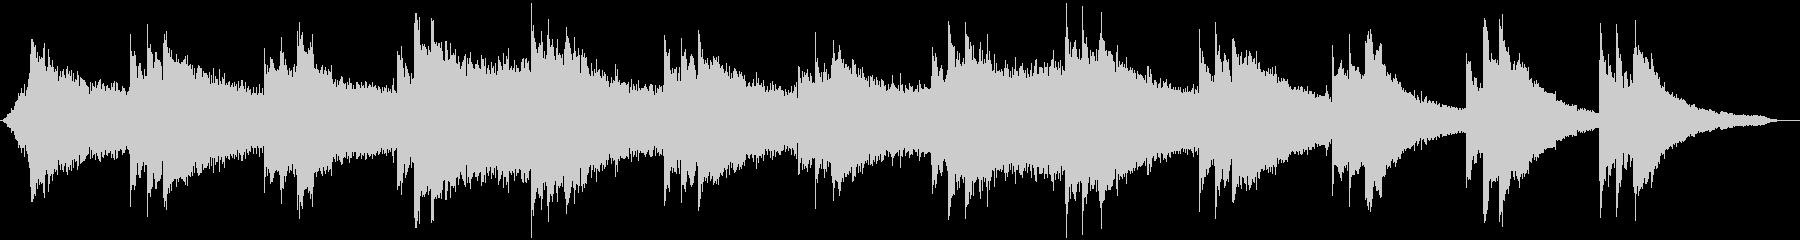 ピアノを使ったアンビエントの未再生の波形